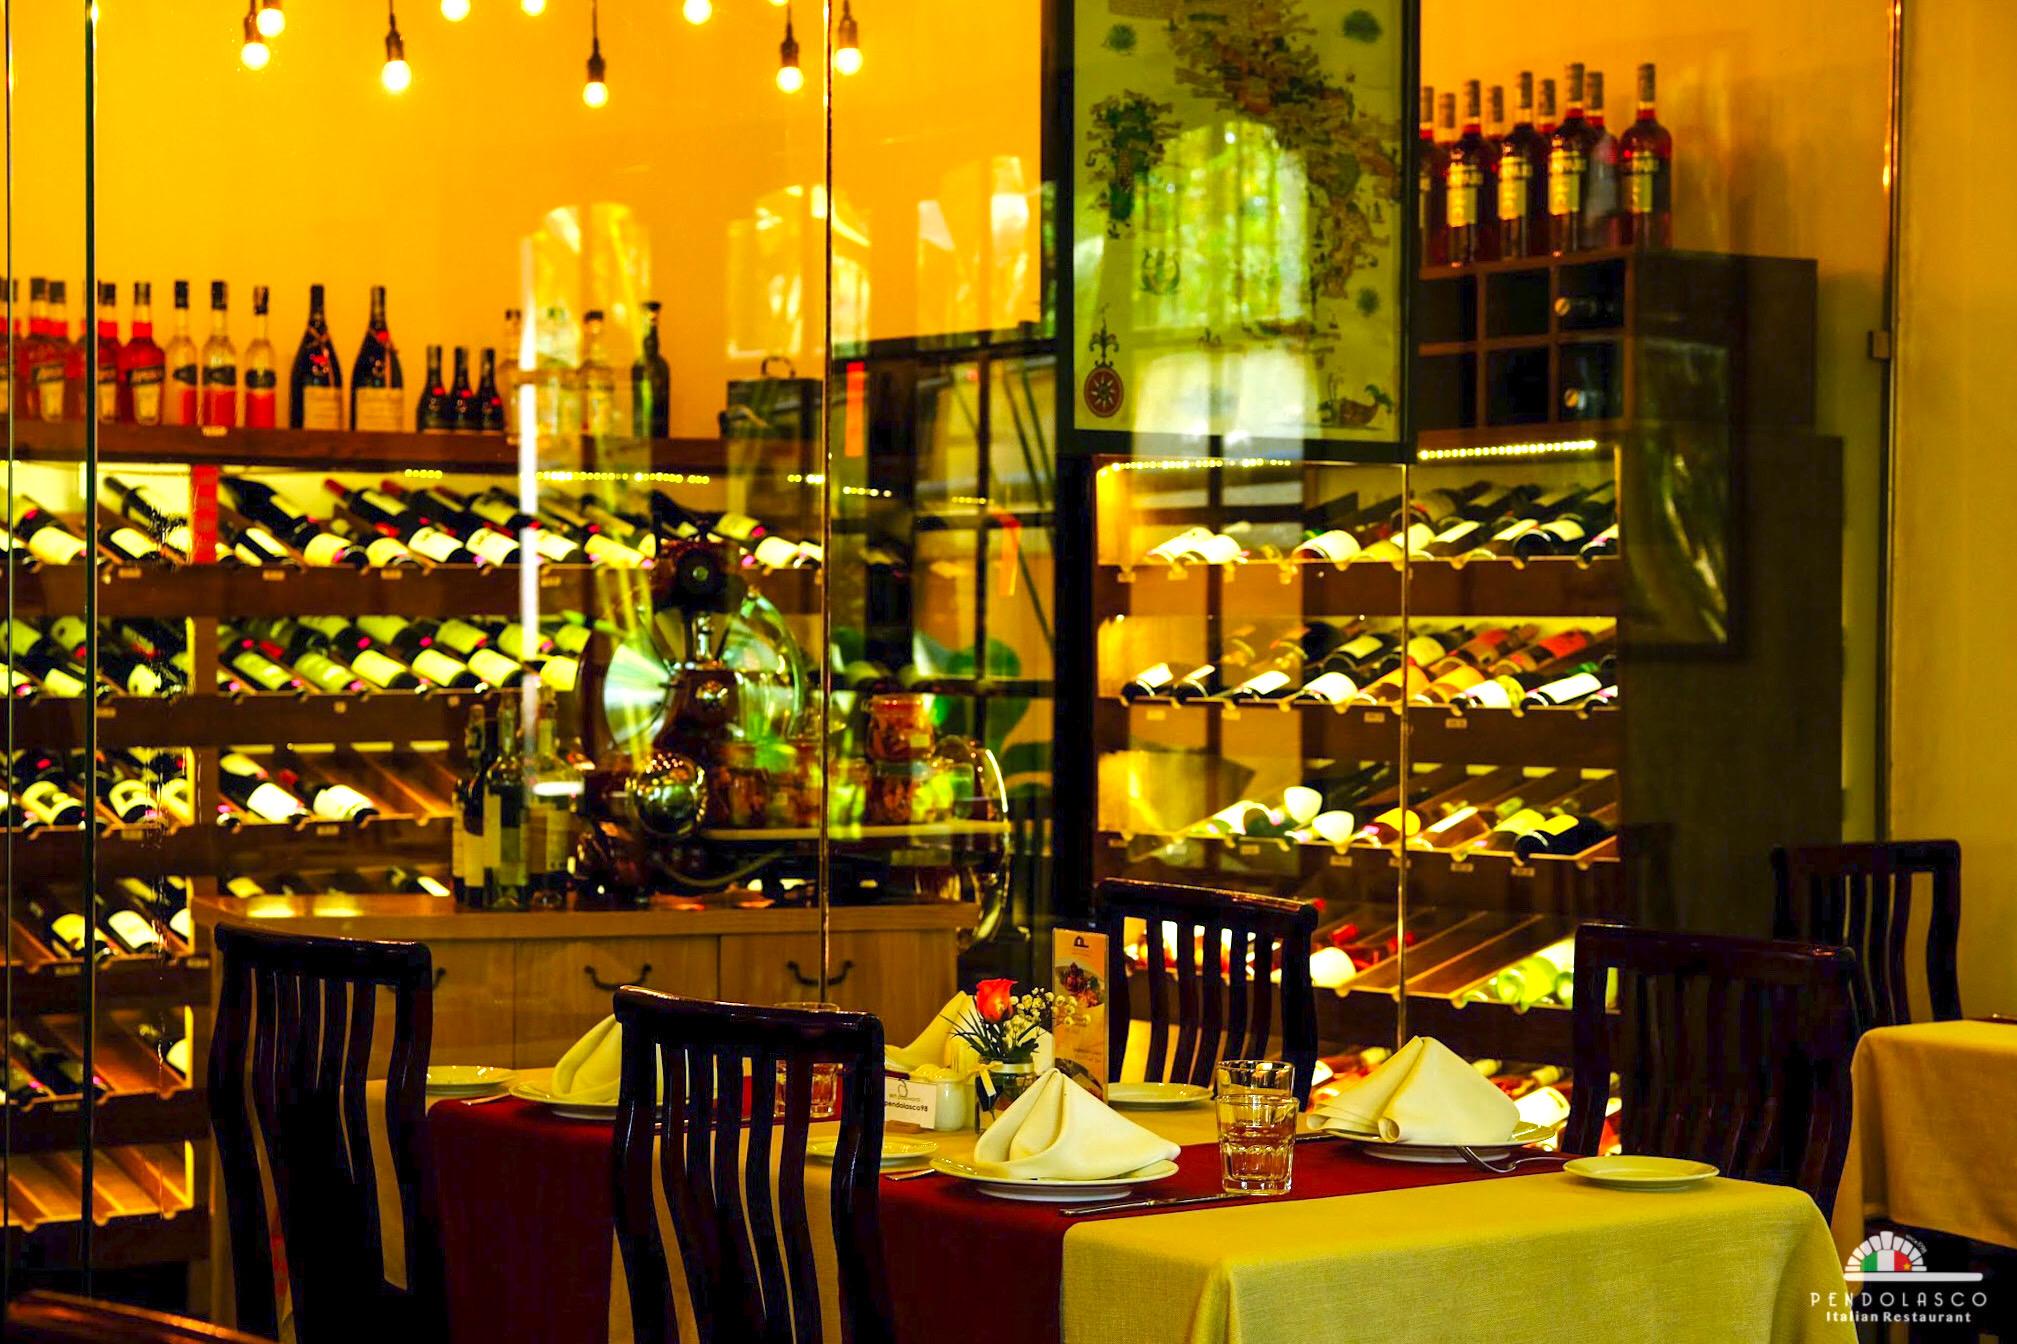 ホーチミン,イタリアン,レストラン,おしゃれ,ペンドラスコ,Pendolasco,タオディエン